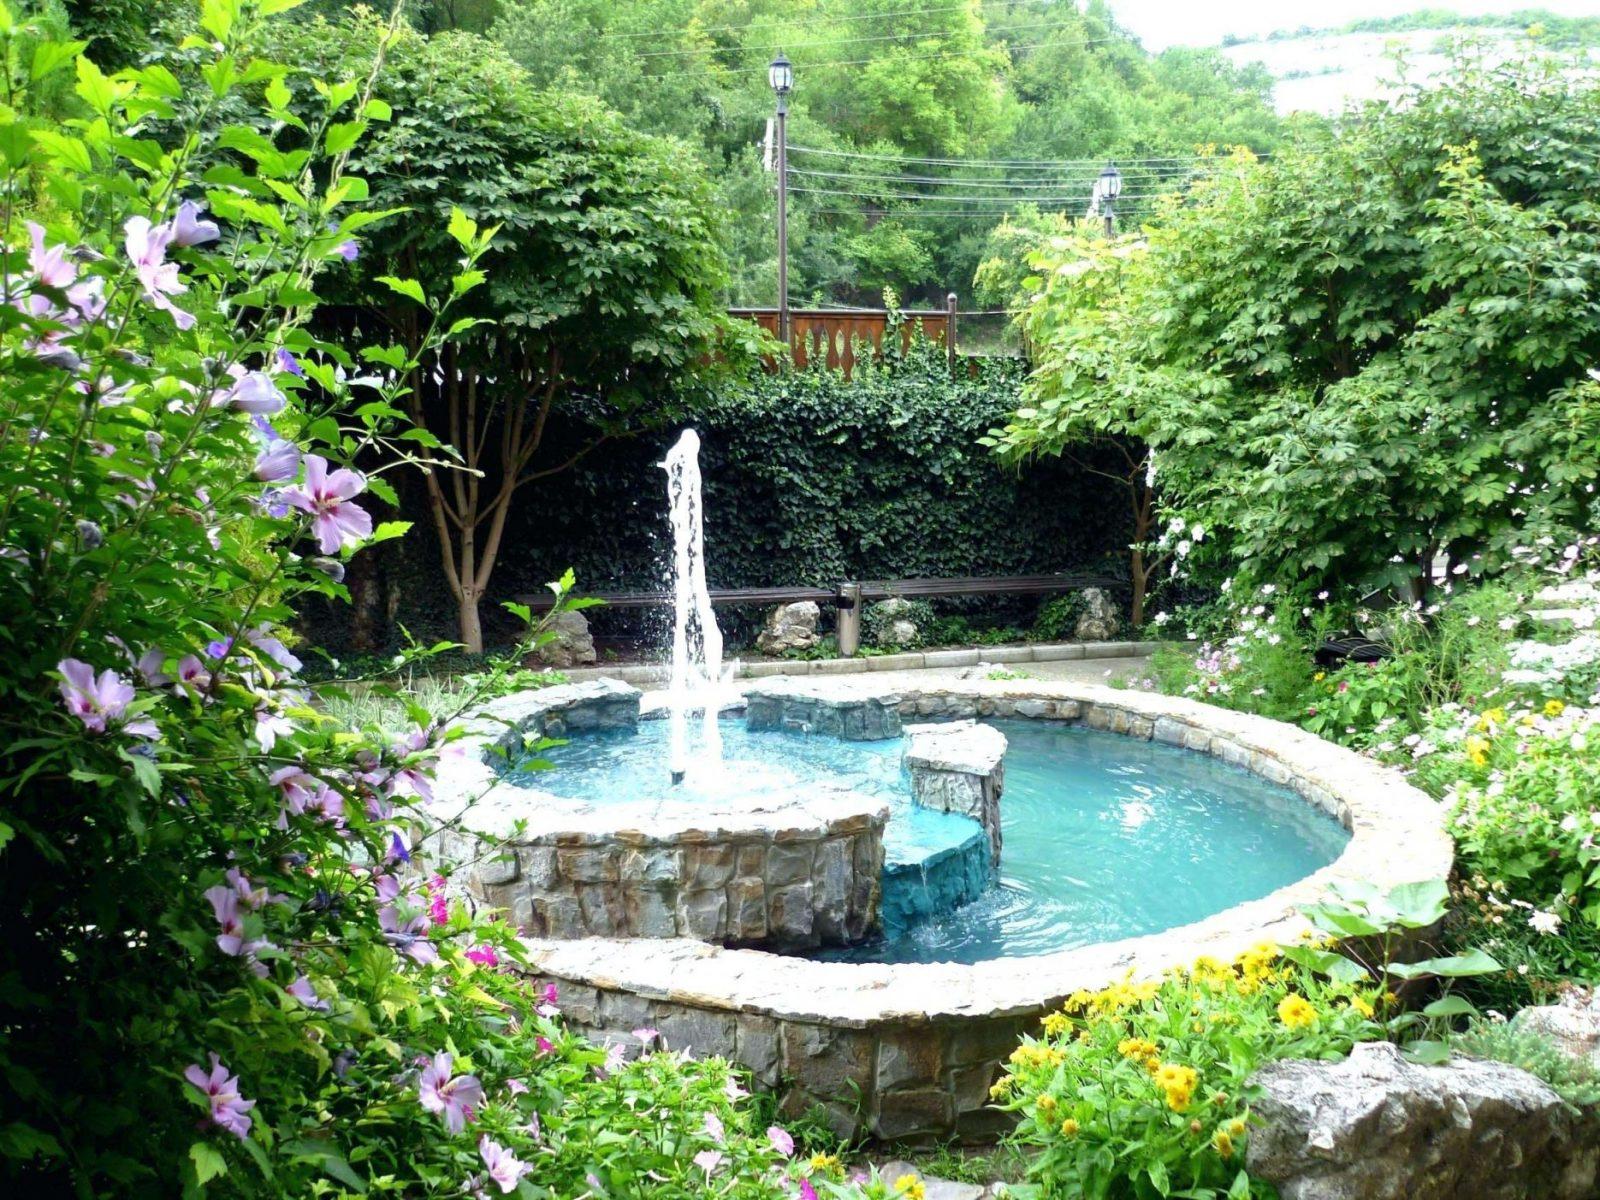 Brunnen Im Garten Bohren Das Beste Von Brunnen Garten Selber Bauen von Springbrunnen Garten Selber Bauen Photo